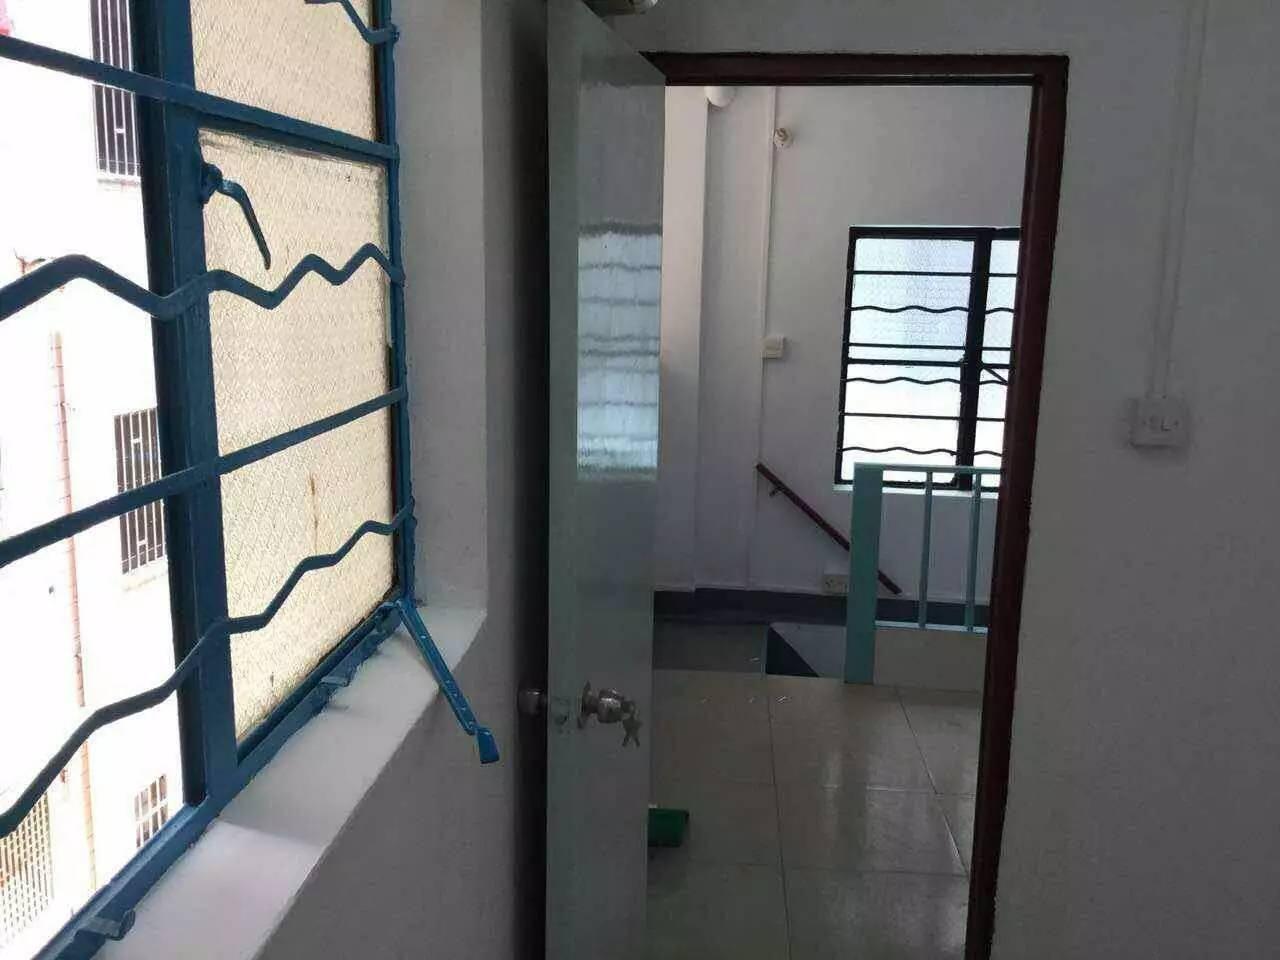 北京路 文德南路独栋私房 三层高 证38方 现售180万